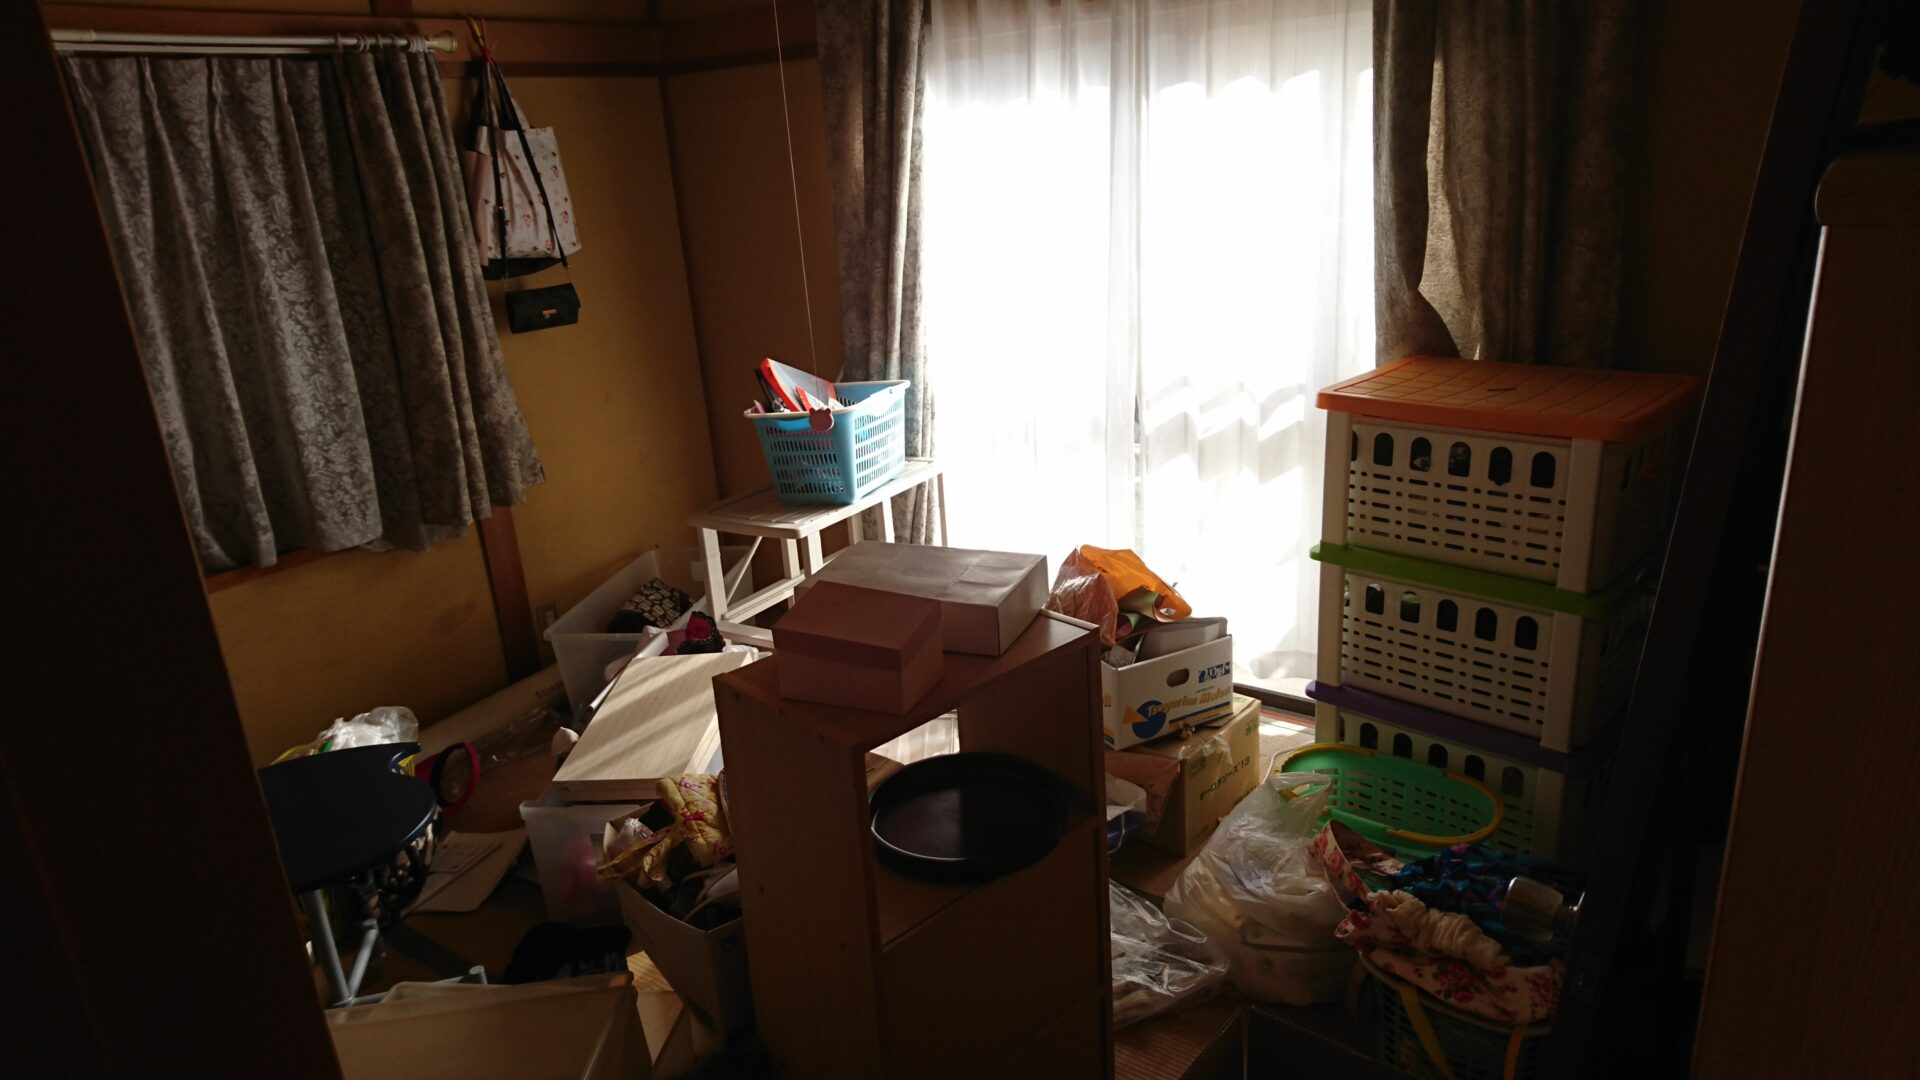 衣装ケースや生活雑貨の出張回収